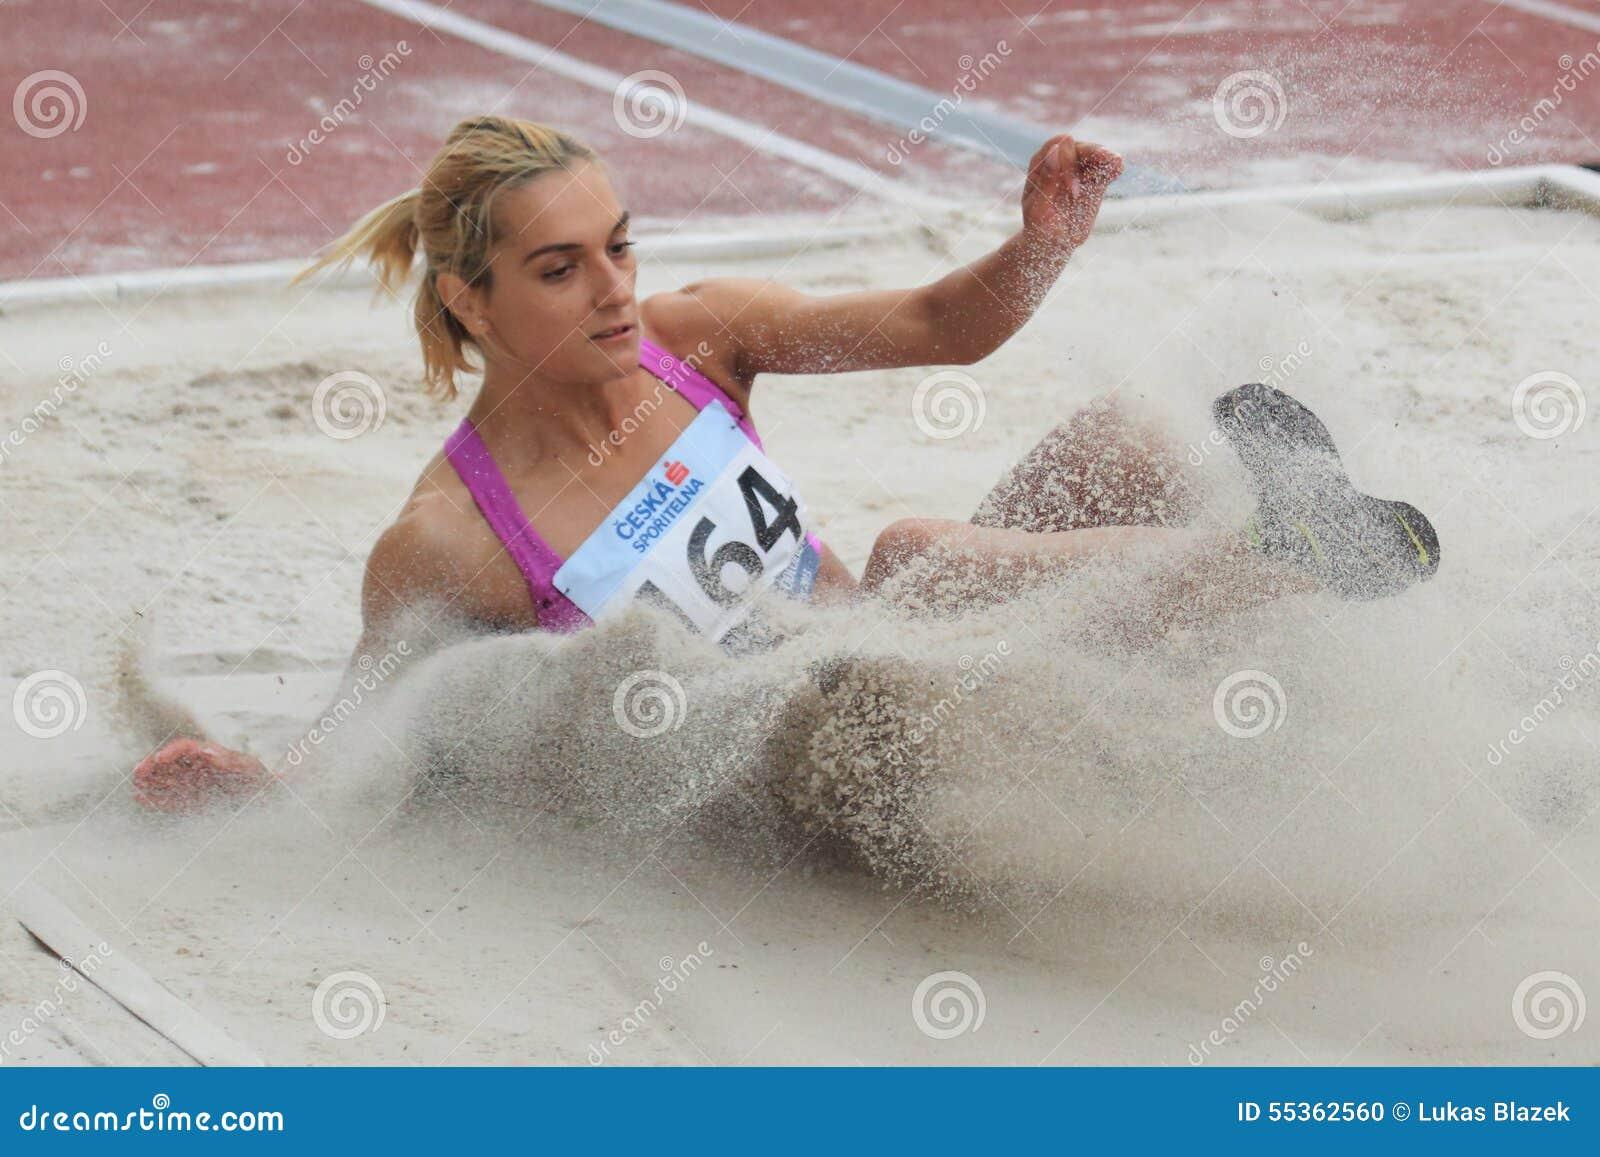 Cristina Sandu - salto triplo